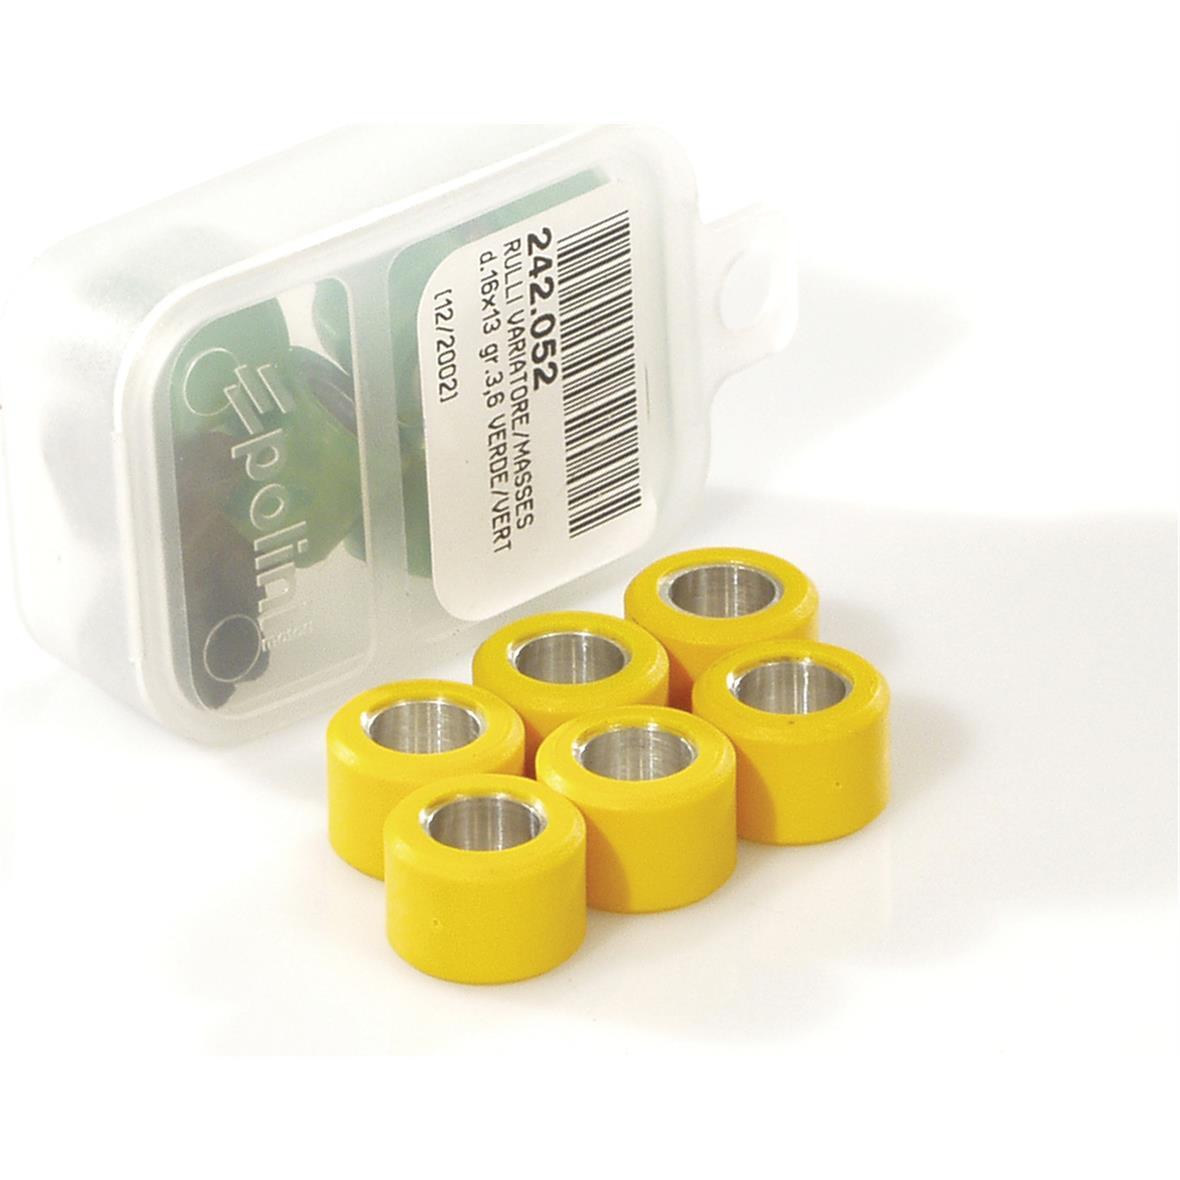 Zdjęcie produktu dla 'Rolki Variatora POLINI 20x17 mm 14,6 gTitle'